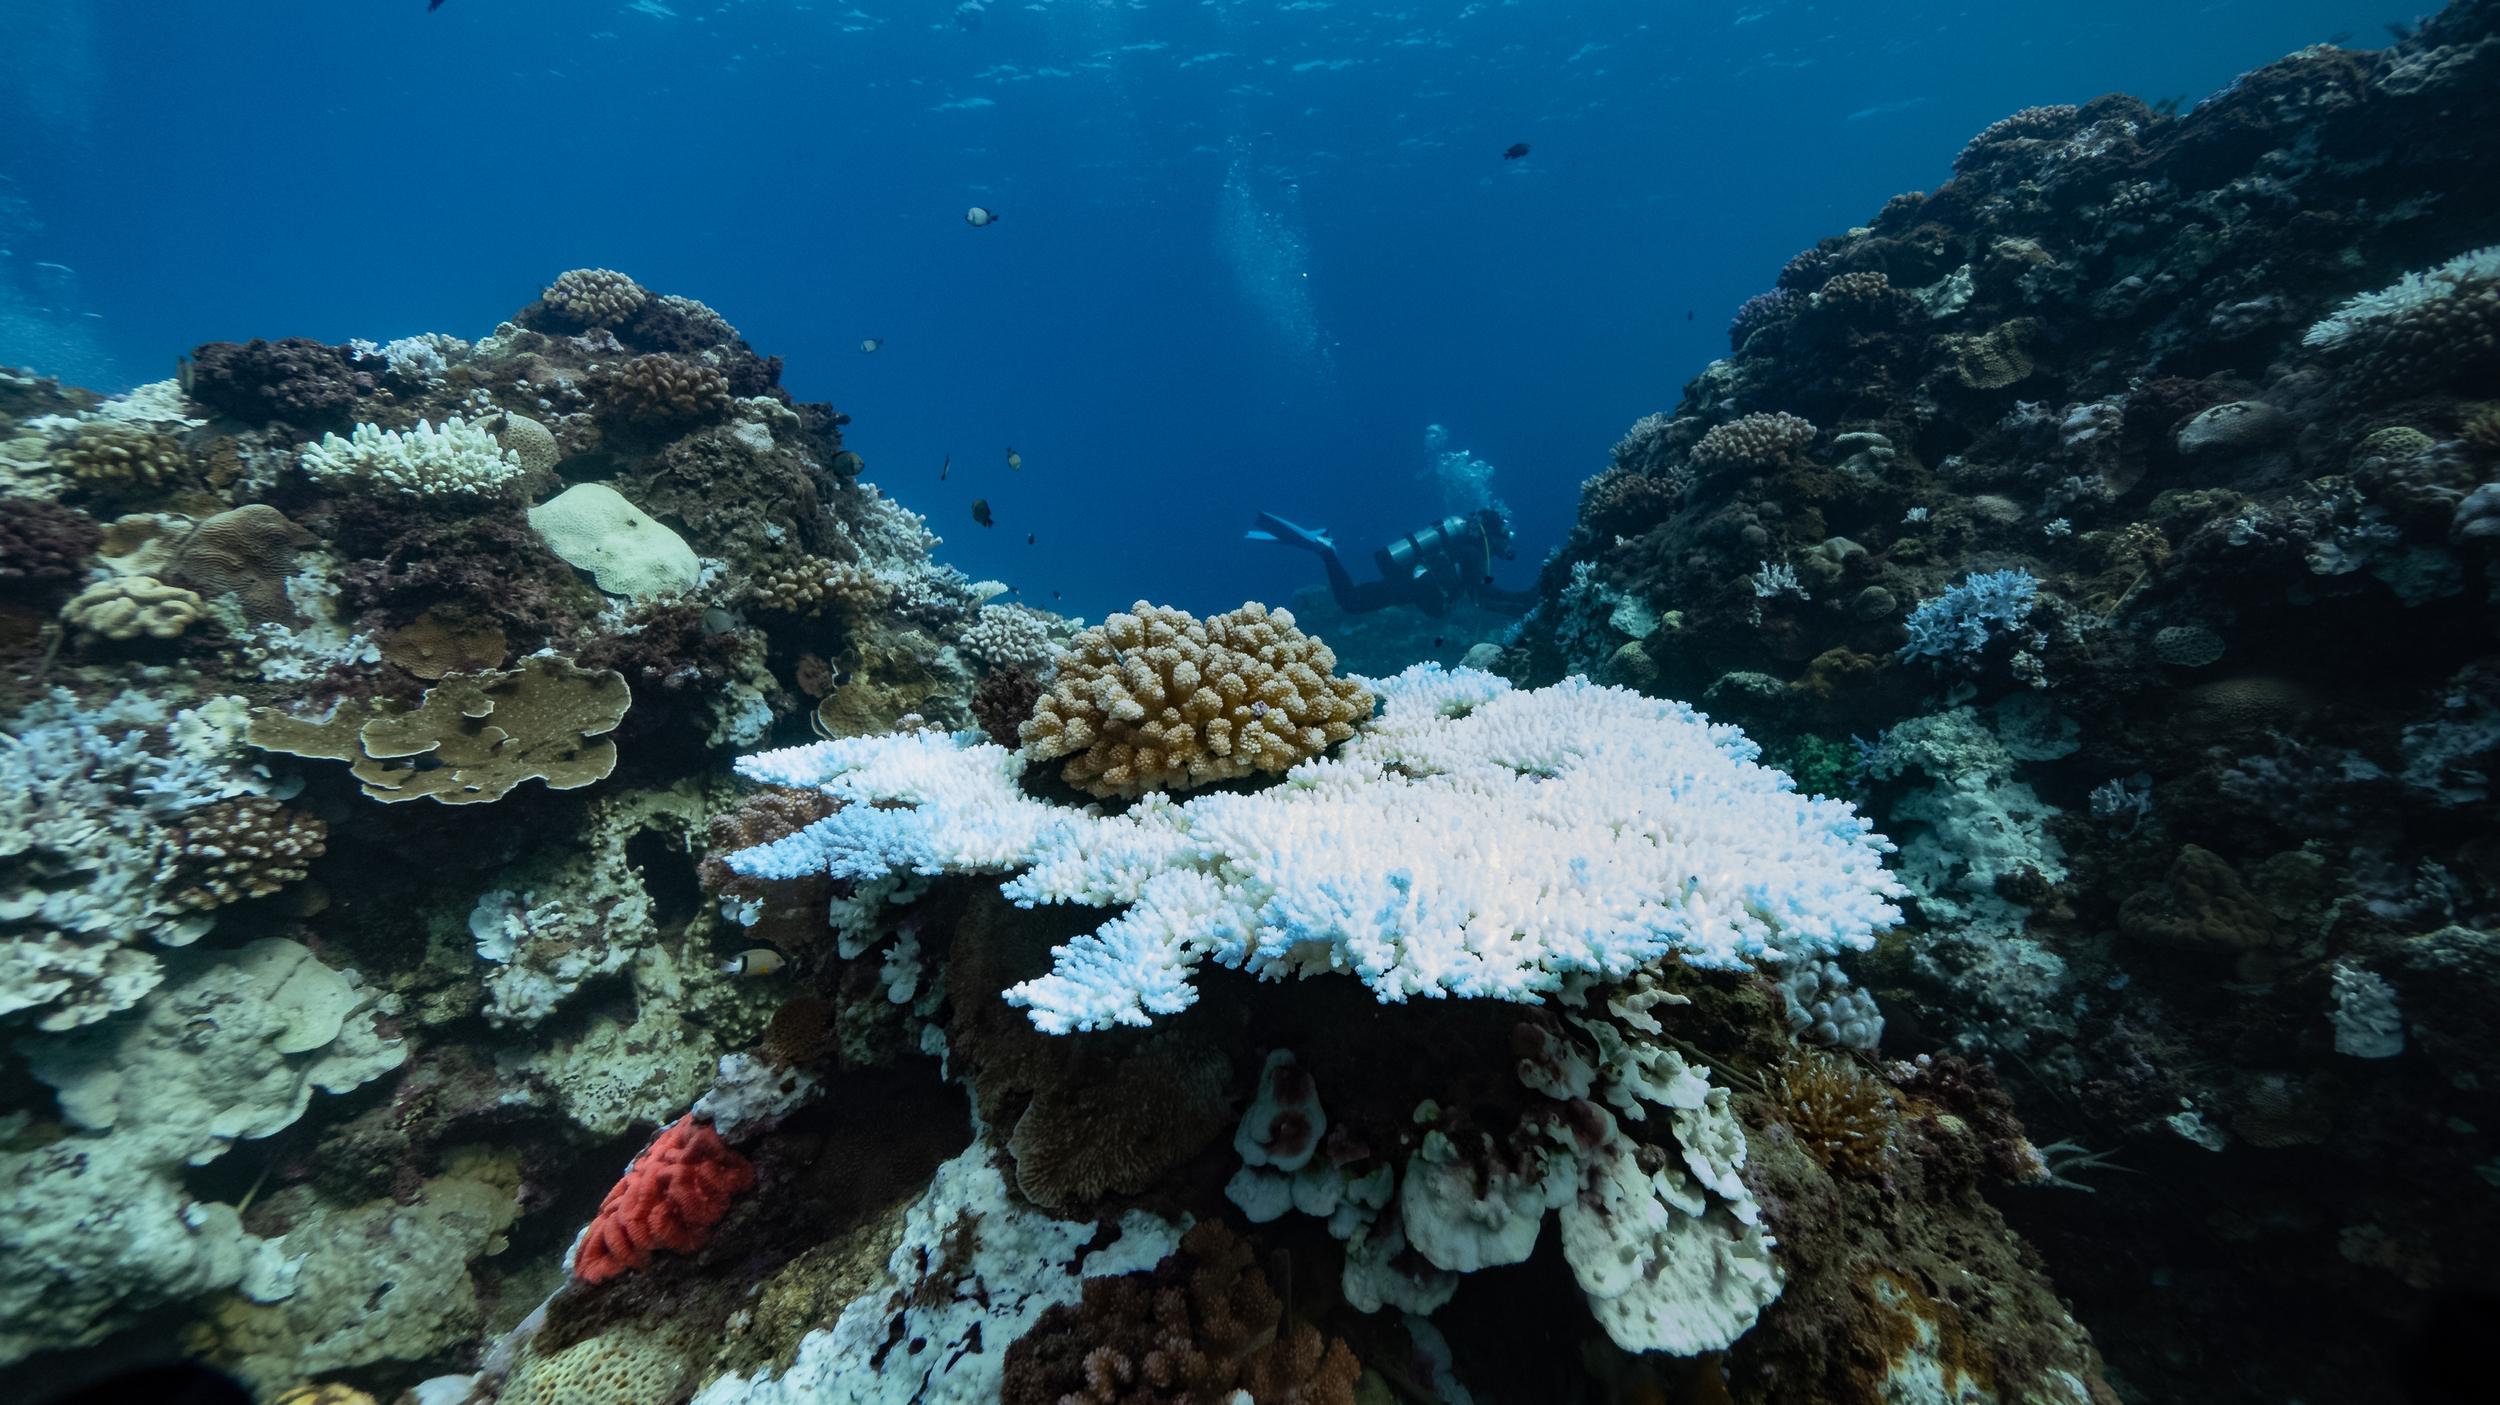 自五月以來,臺灣南部的水域溫度持續升高。綠色和平團隊於2020年8月,前往墾丁的三個潛水地點,拍攝記錄珊瑚因全球暖化發生的白化現象,成為首批受害者。